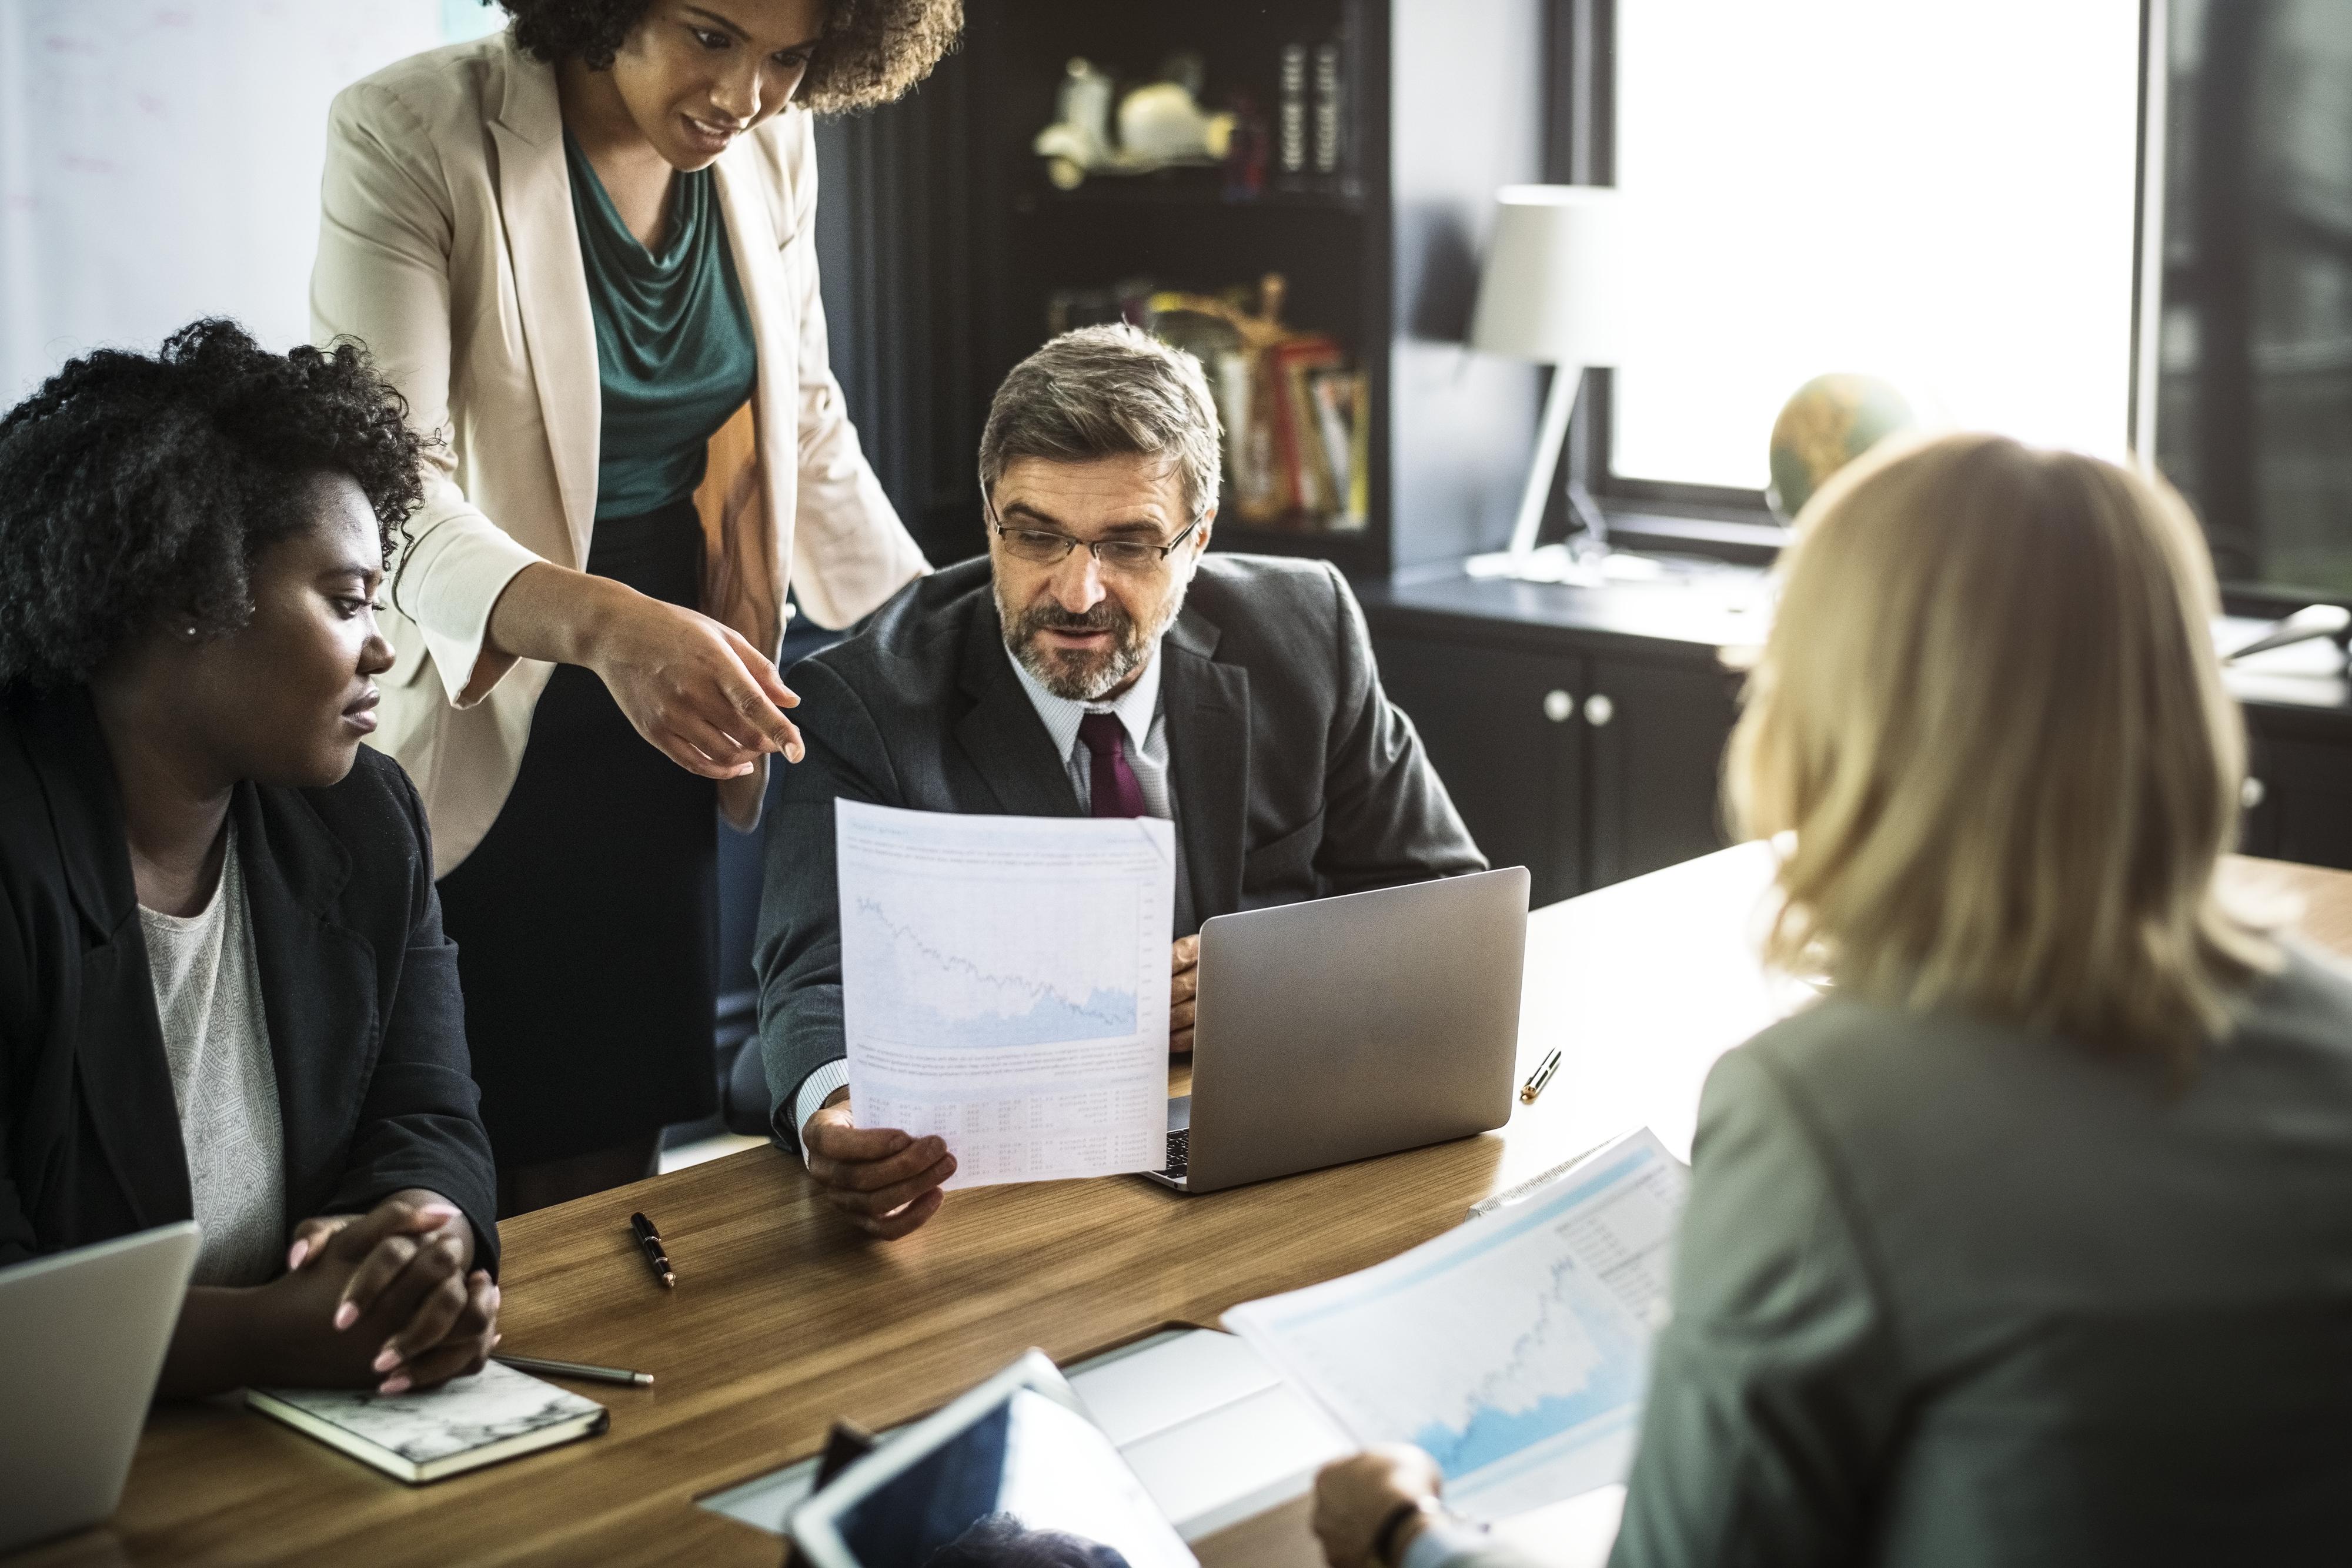 Das Risikomanagement als fester Bestandteil professionellen Projektmanagements